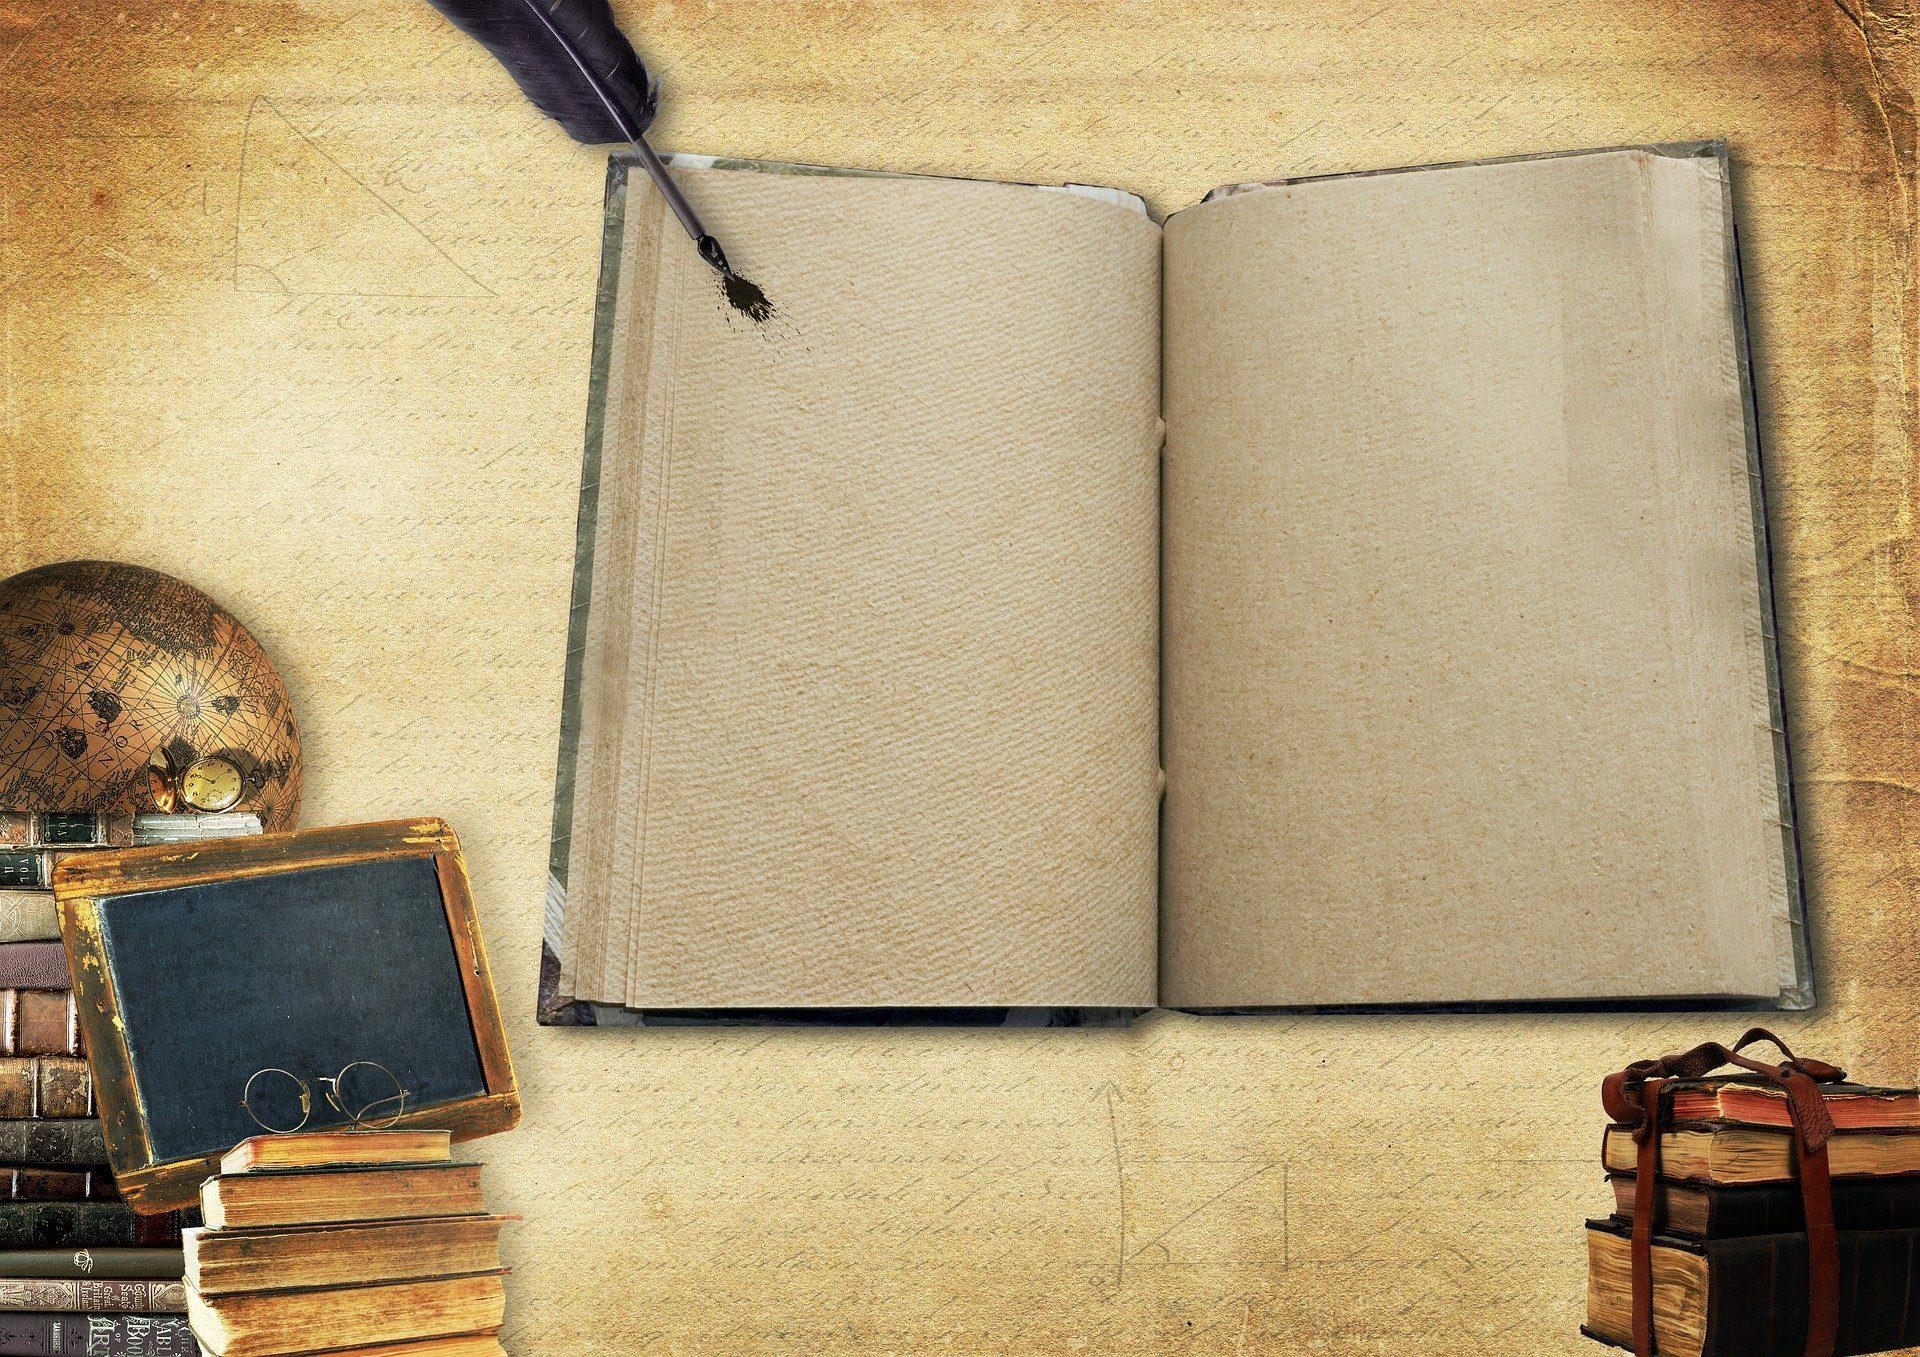 Schreib Dein Buch - 21 Tage Challenge